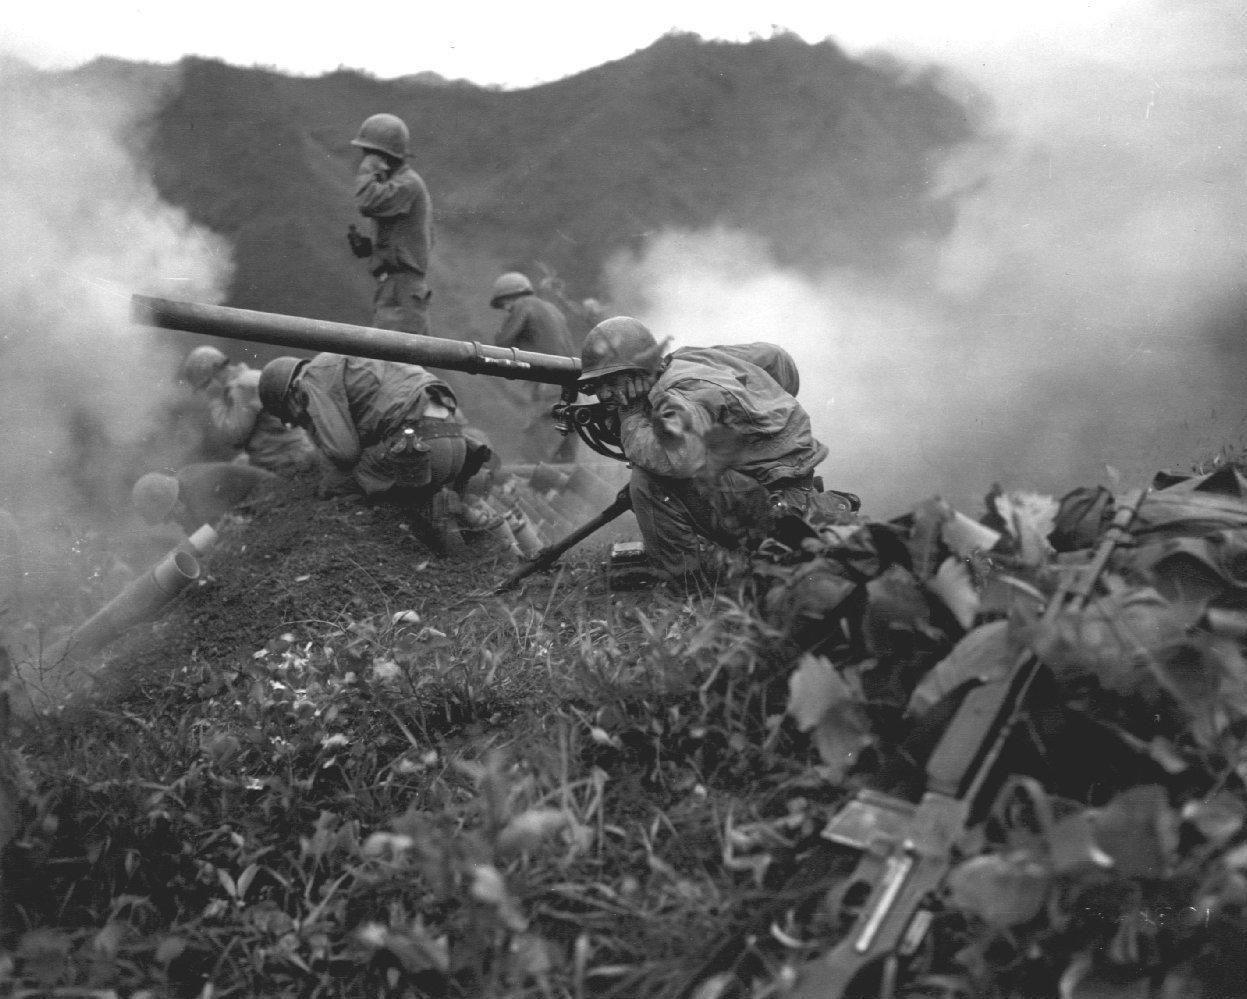 Amerikanske styrker fyrer av mot koreanske under FN-kontroll i Korea. 1951.